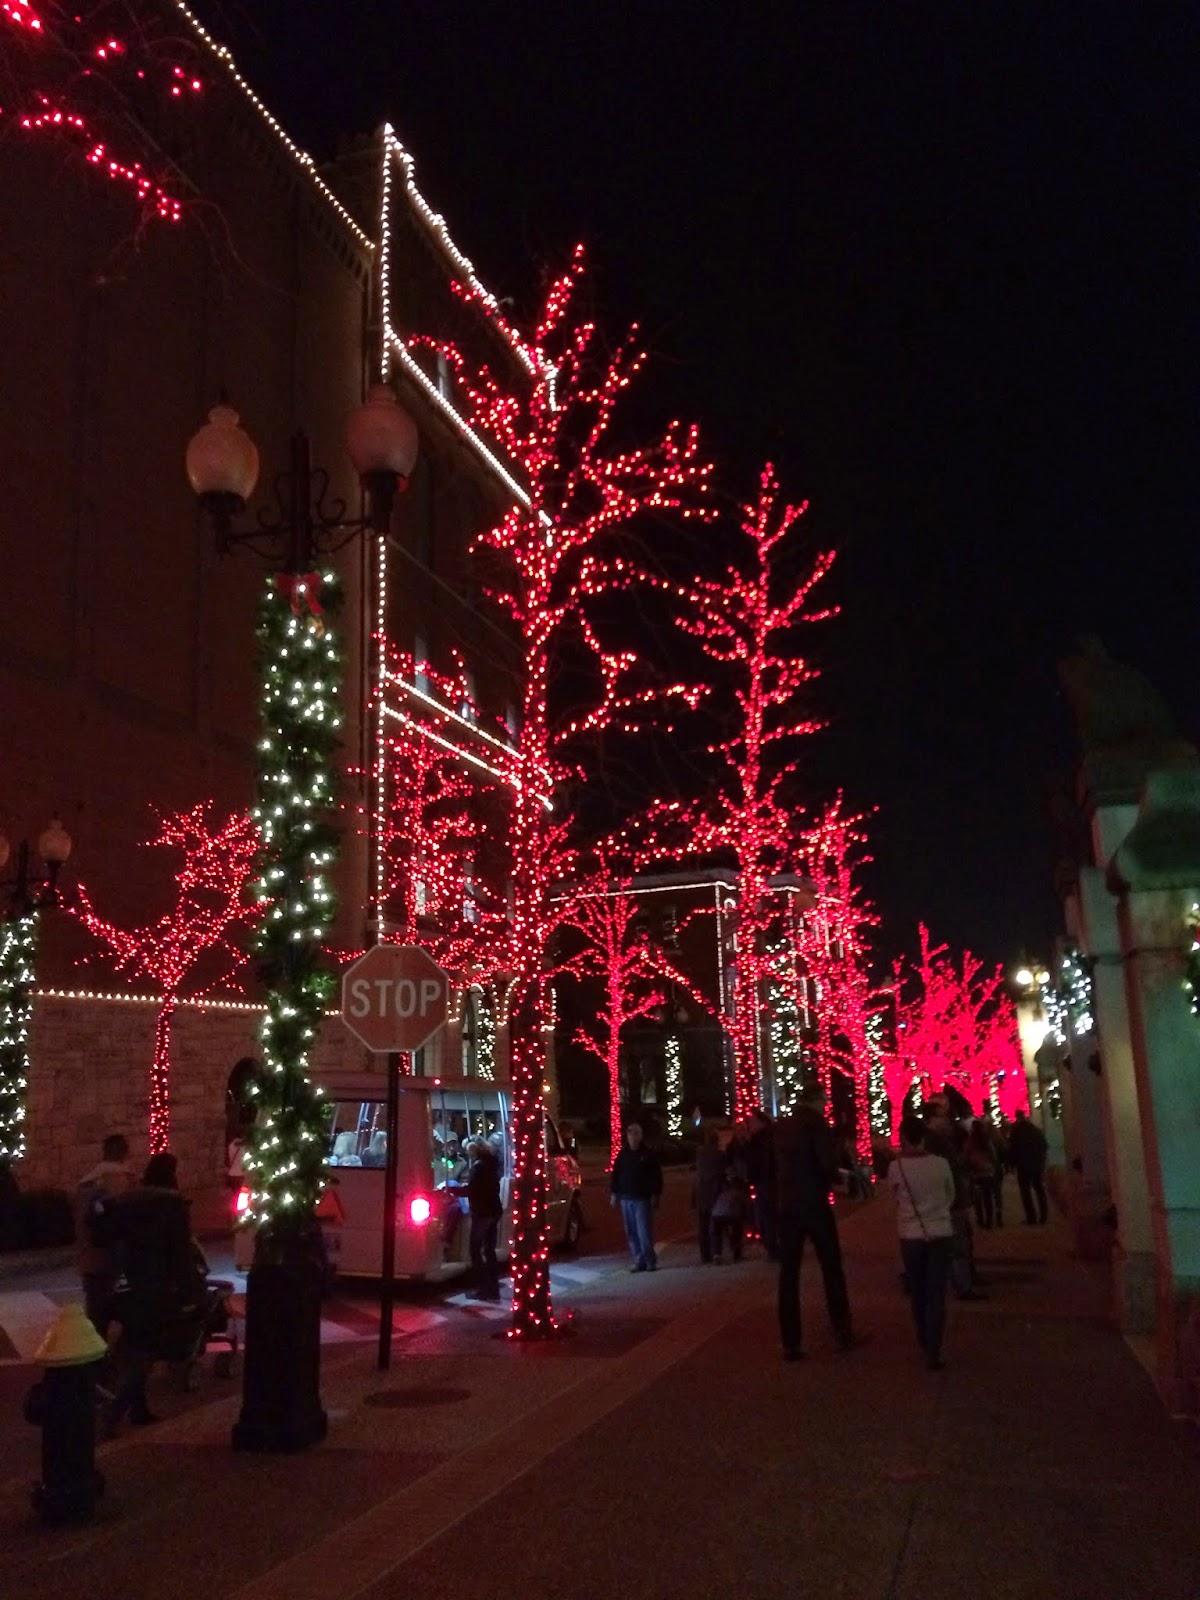 8 the street lights of anheuser busch brewery